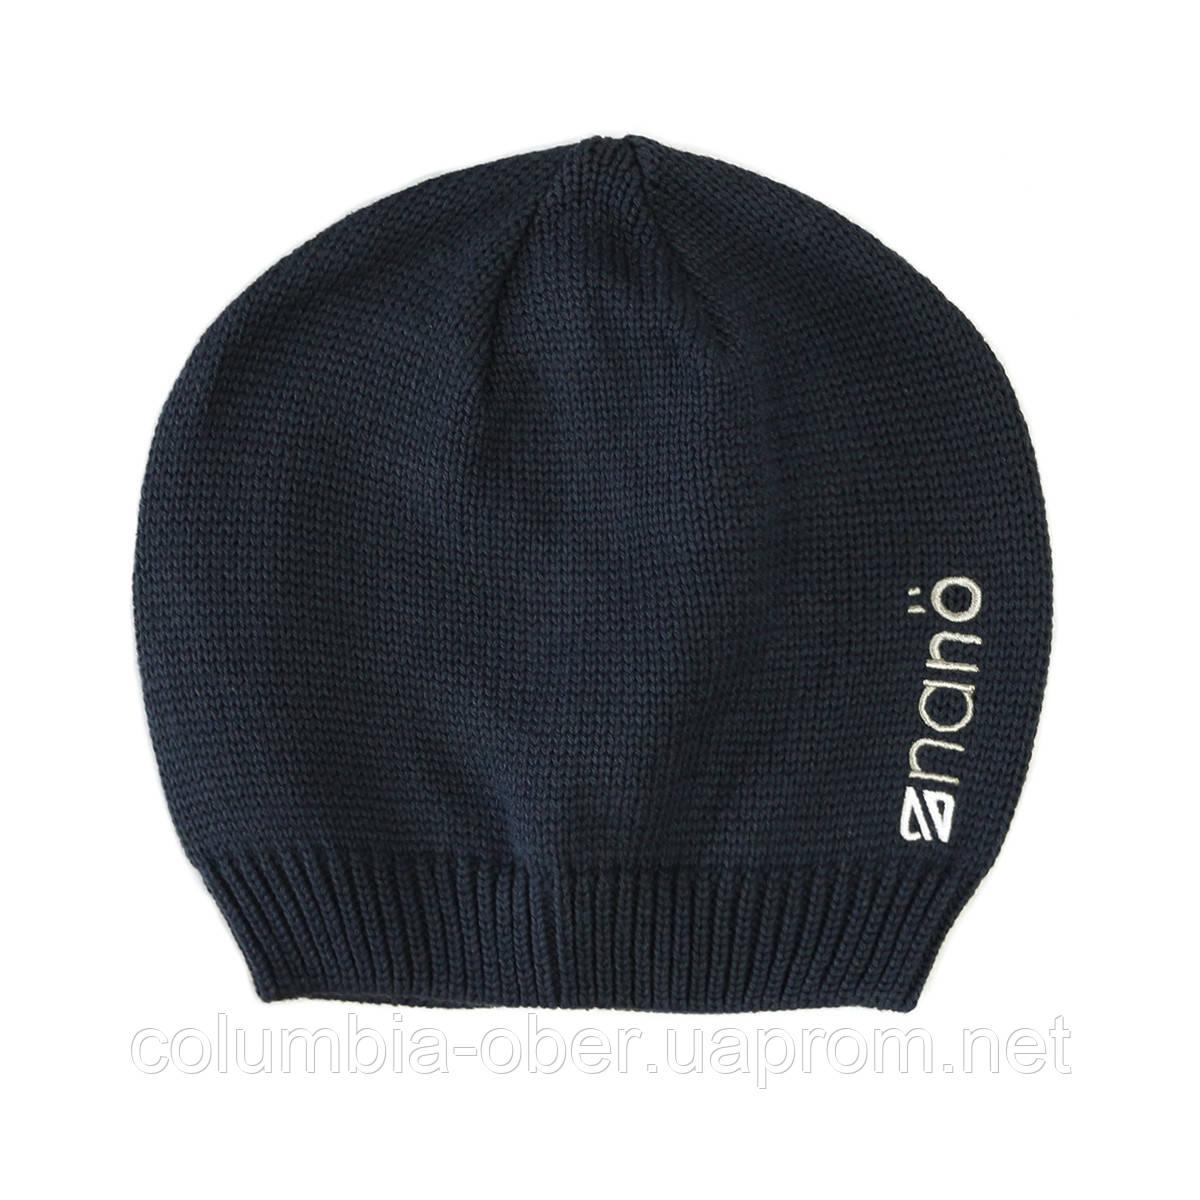 Демисезонная шапка  для мальчика  NANO 200 BTUT S17 Navy. Р-р  2/4х - 7/12.